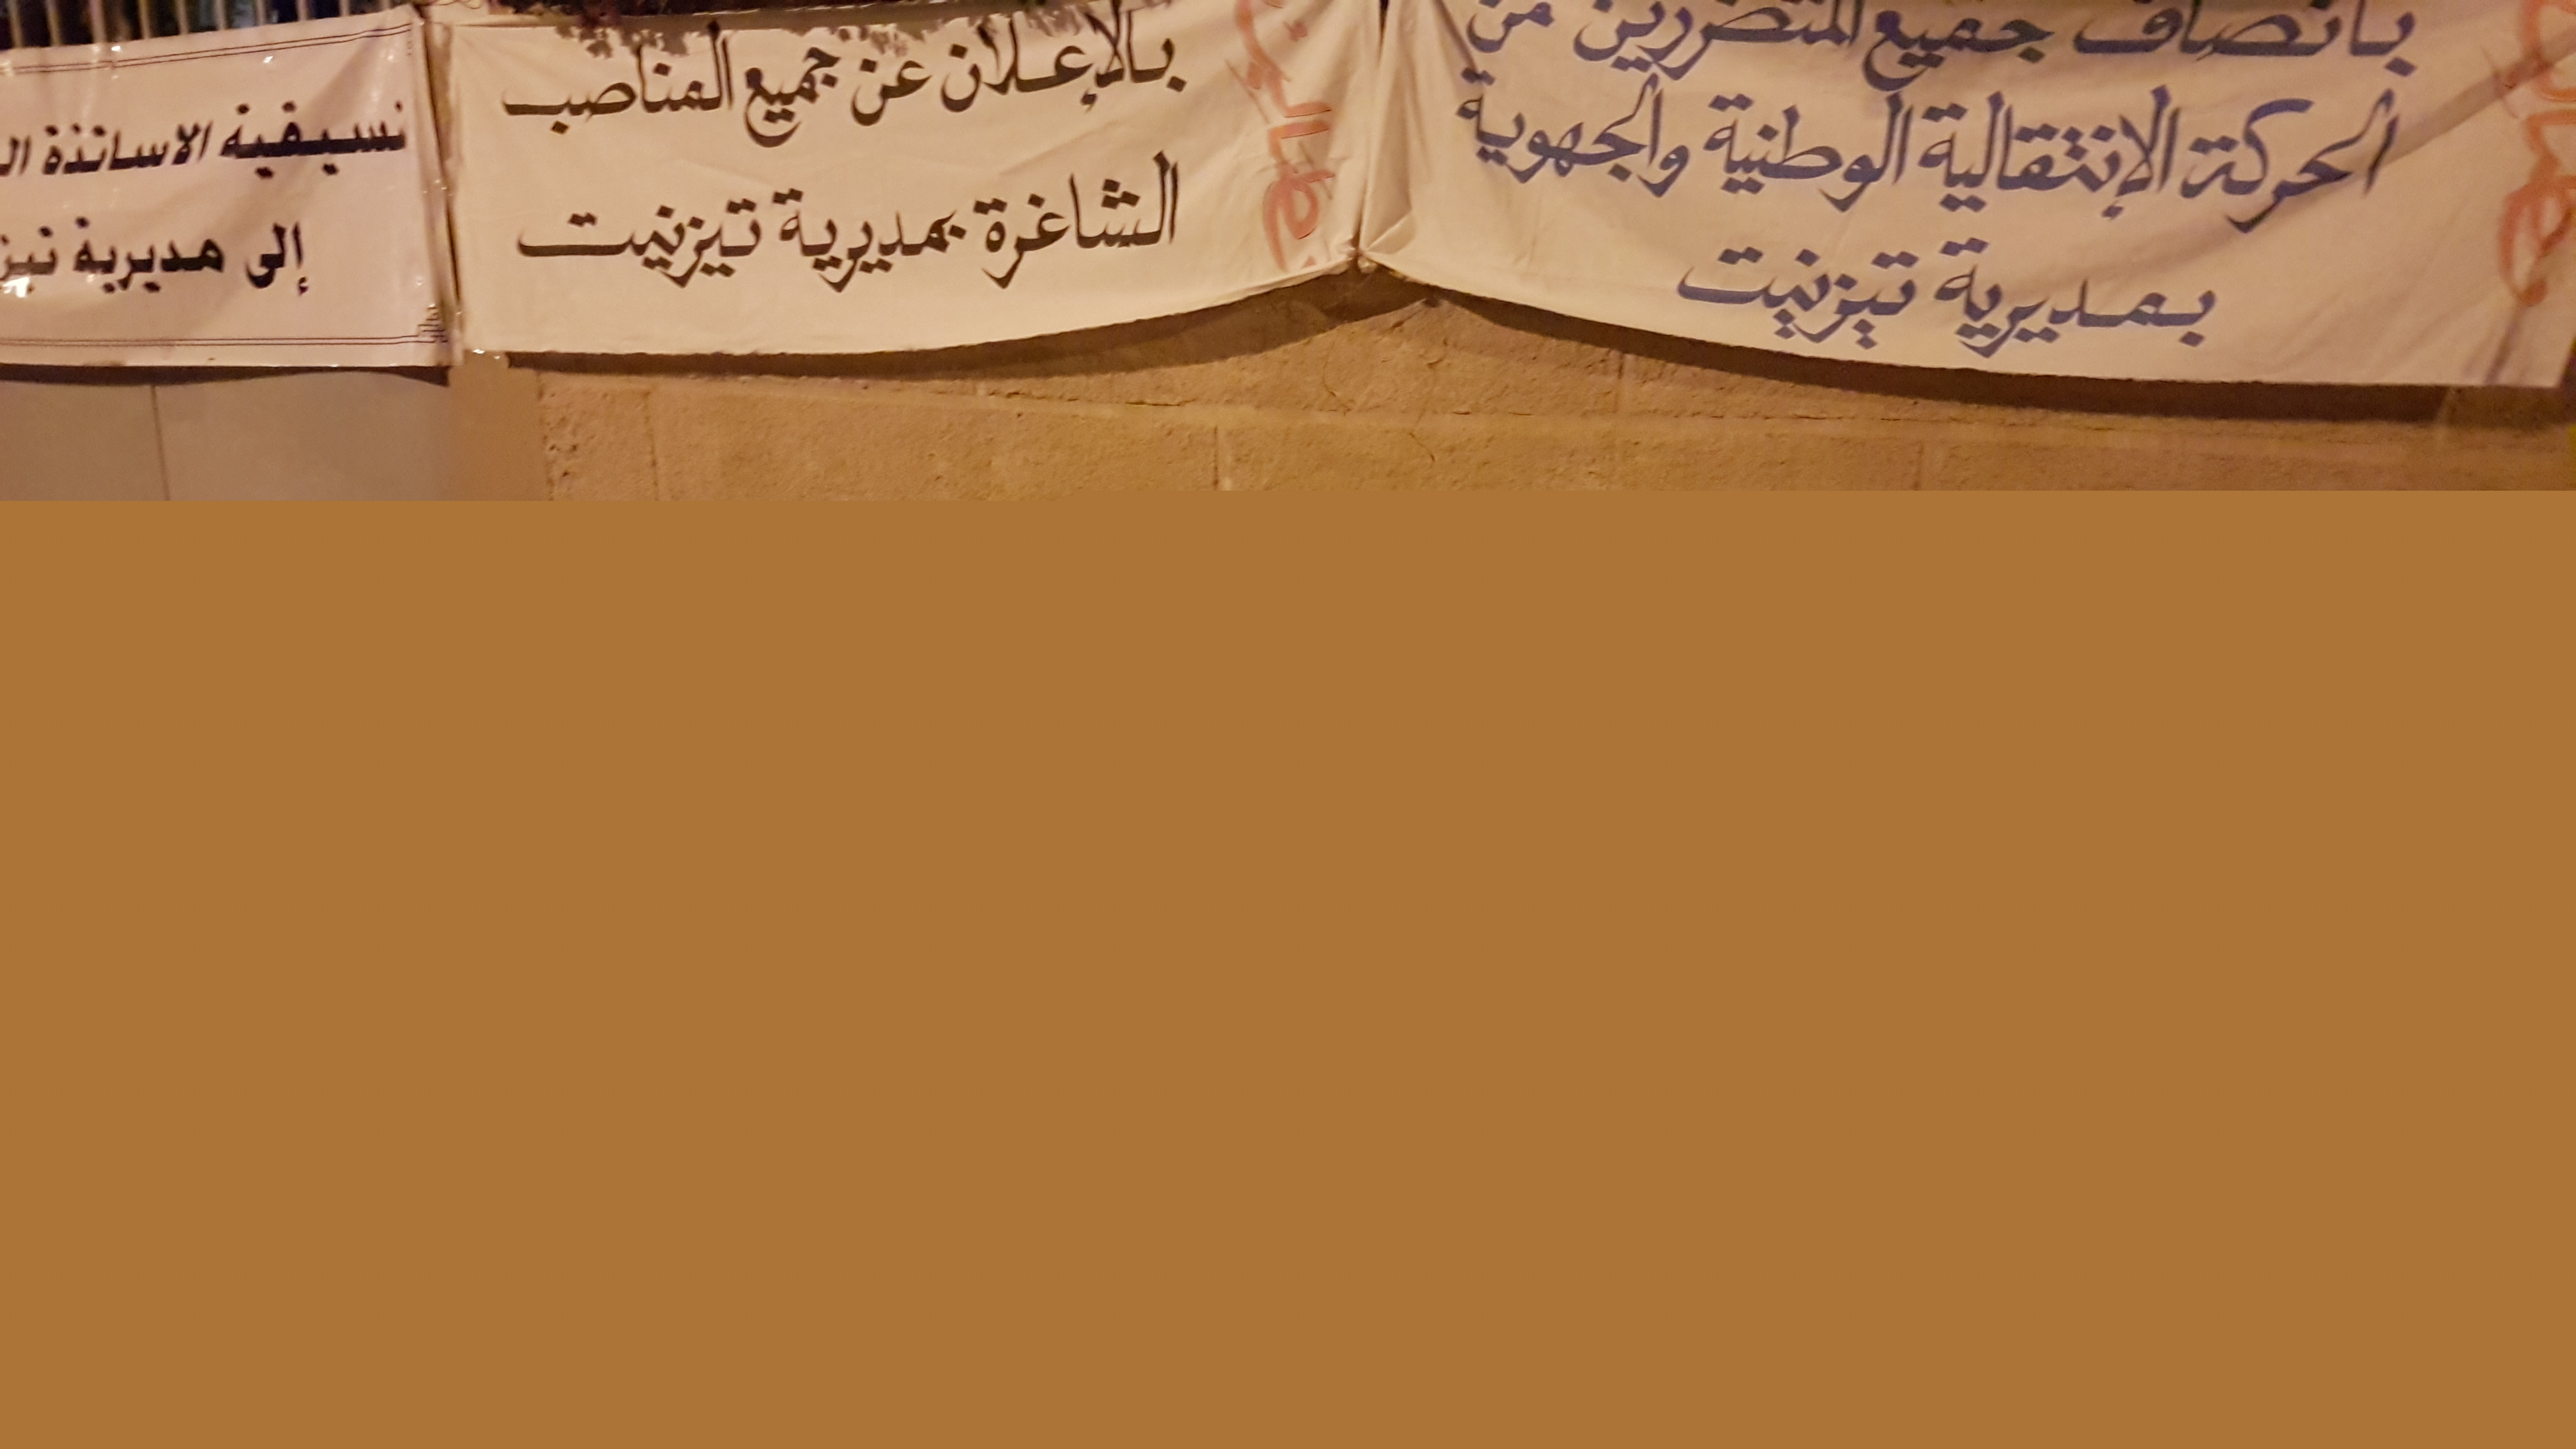 بالفيديو : أجواء المعتصم الليلي للأساتذة المنتقلين الى مديرية تيزنيت